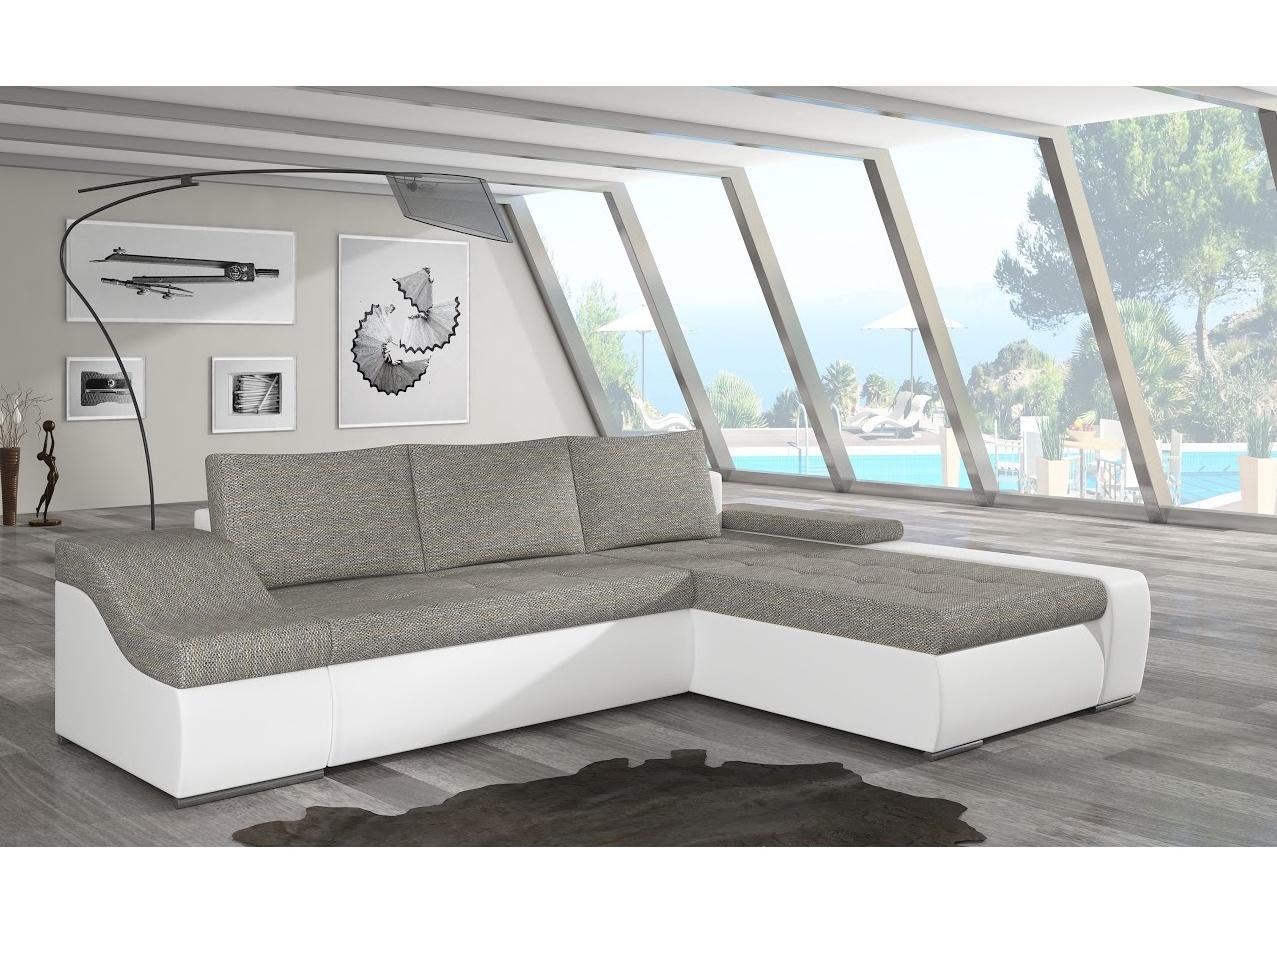 ELTAP Rohová sedačka ONTARIO 12 pravá, šedá/bílá